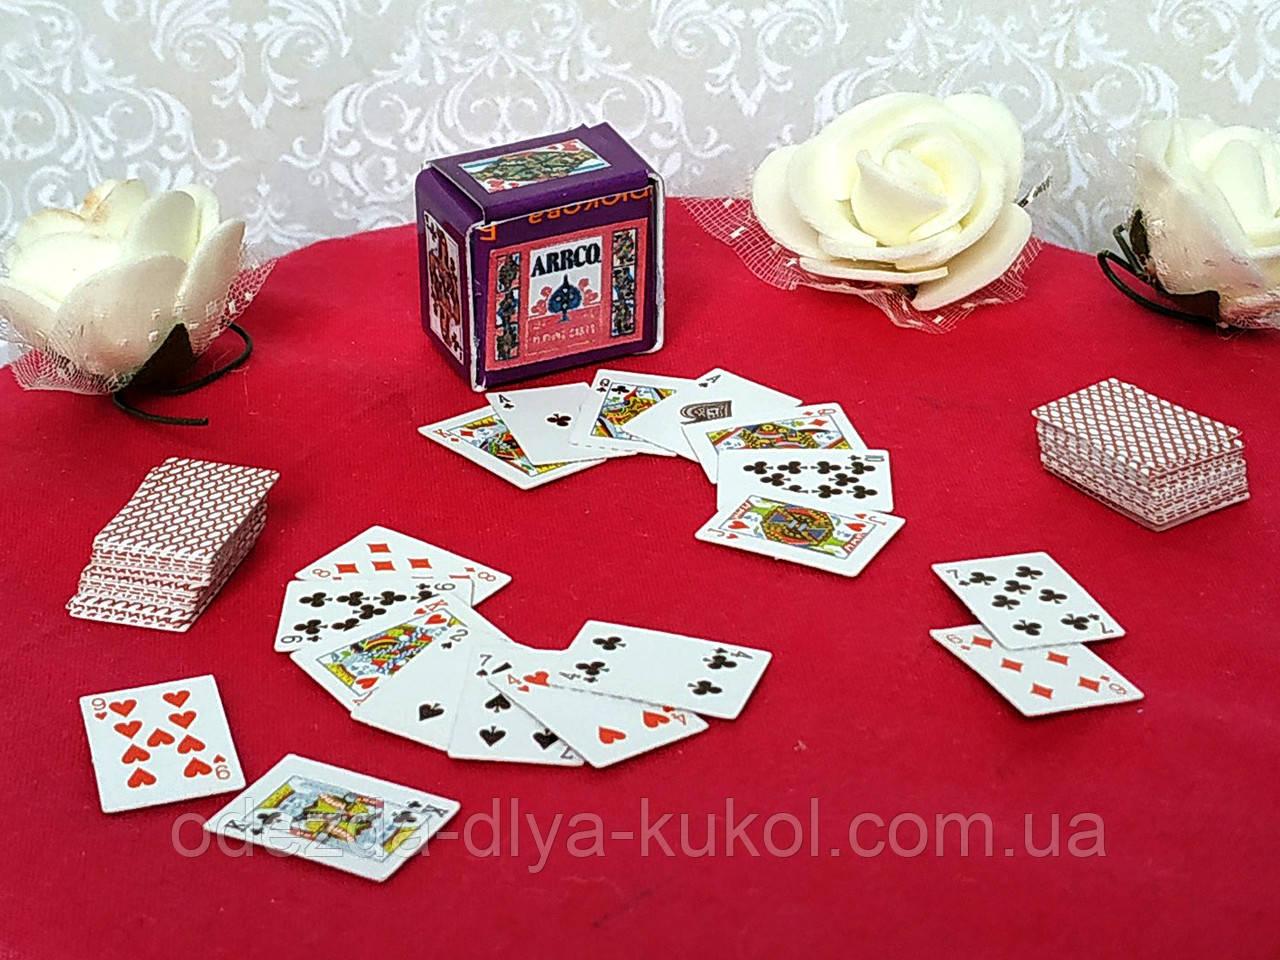 Мини игральные карты (аксессуары для кукол)